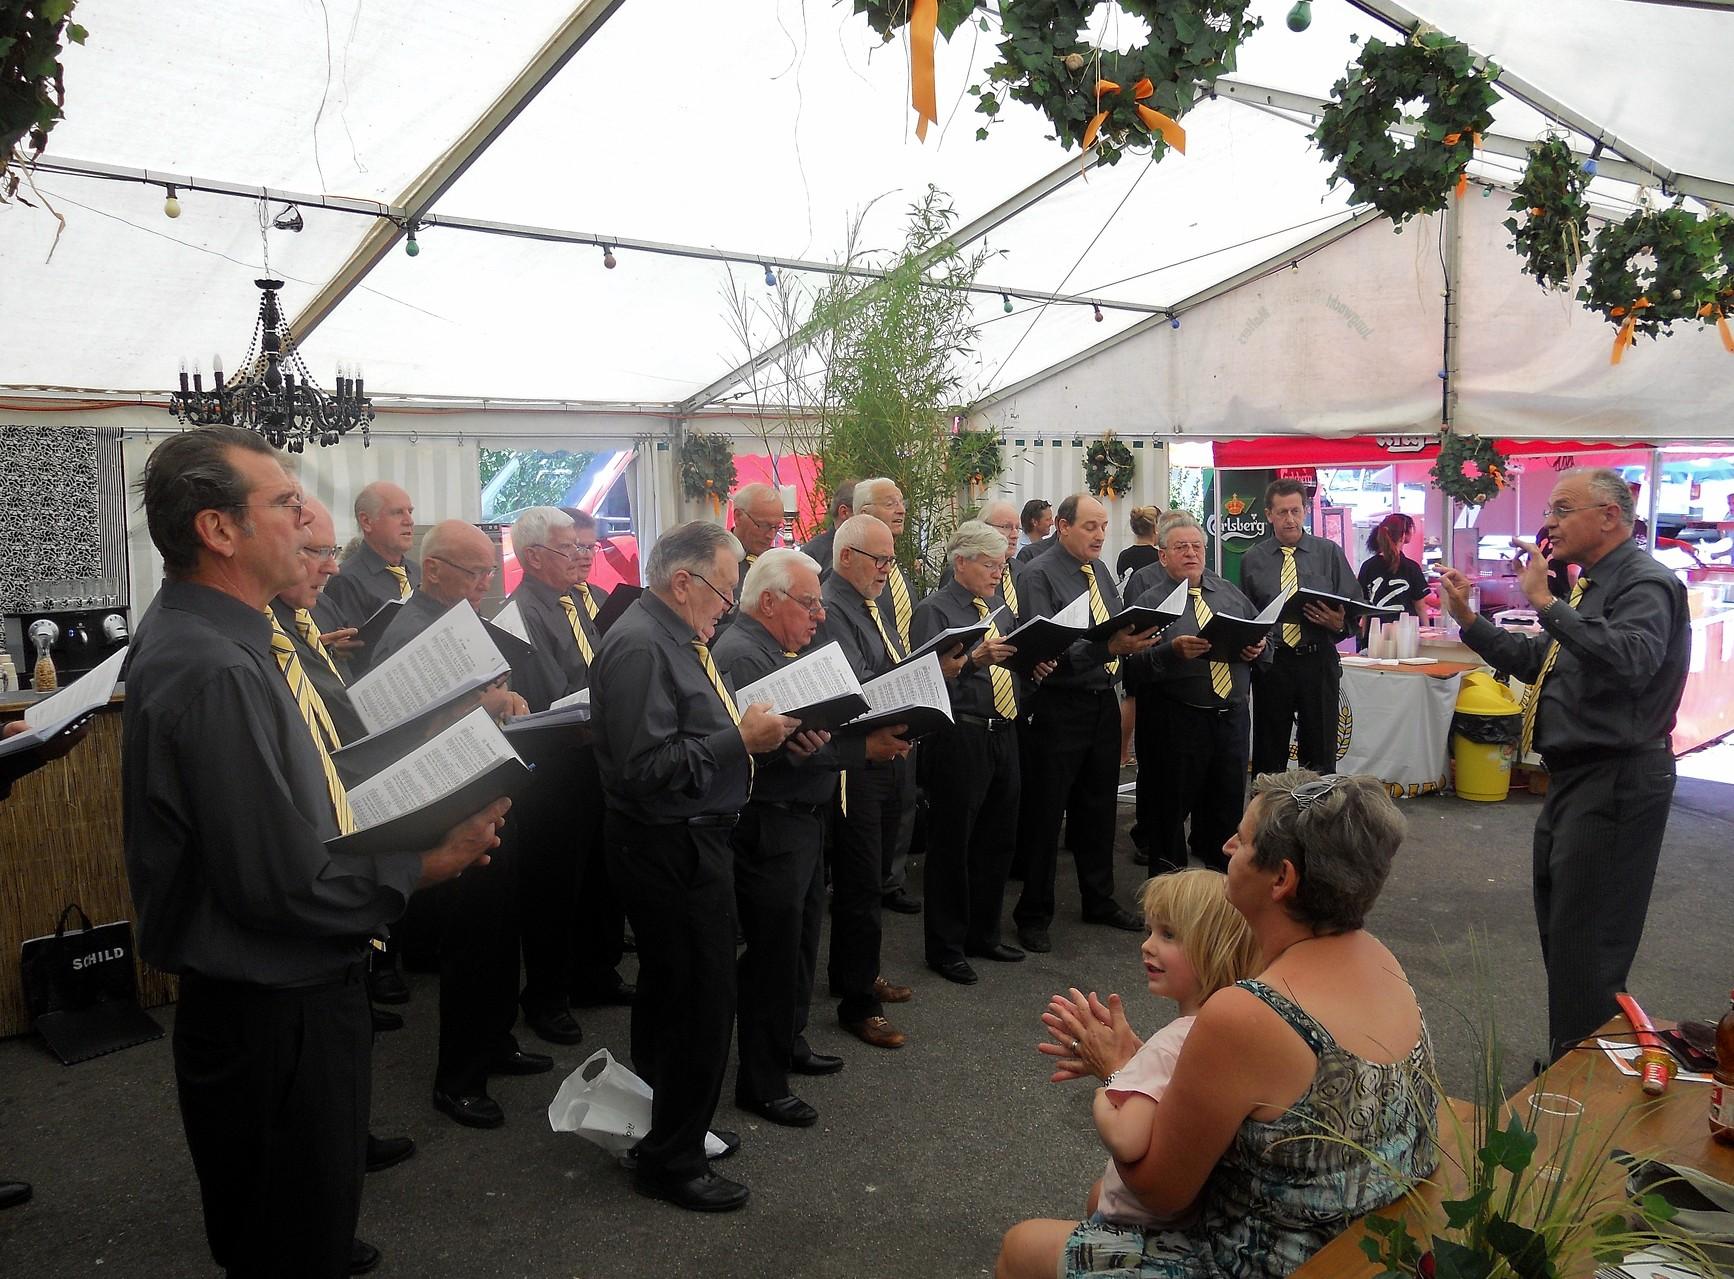 Rebblütenfest in Weiningen, Juni 2012